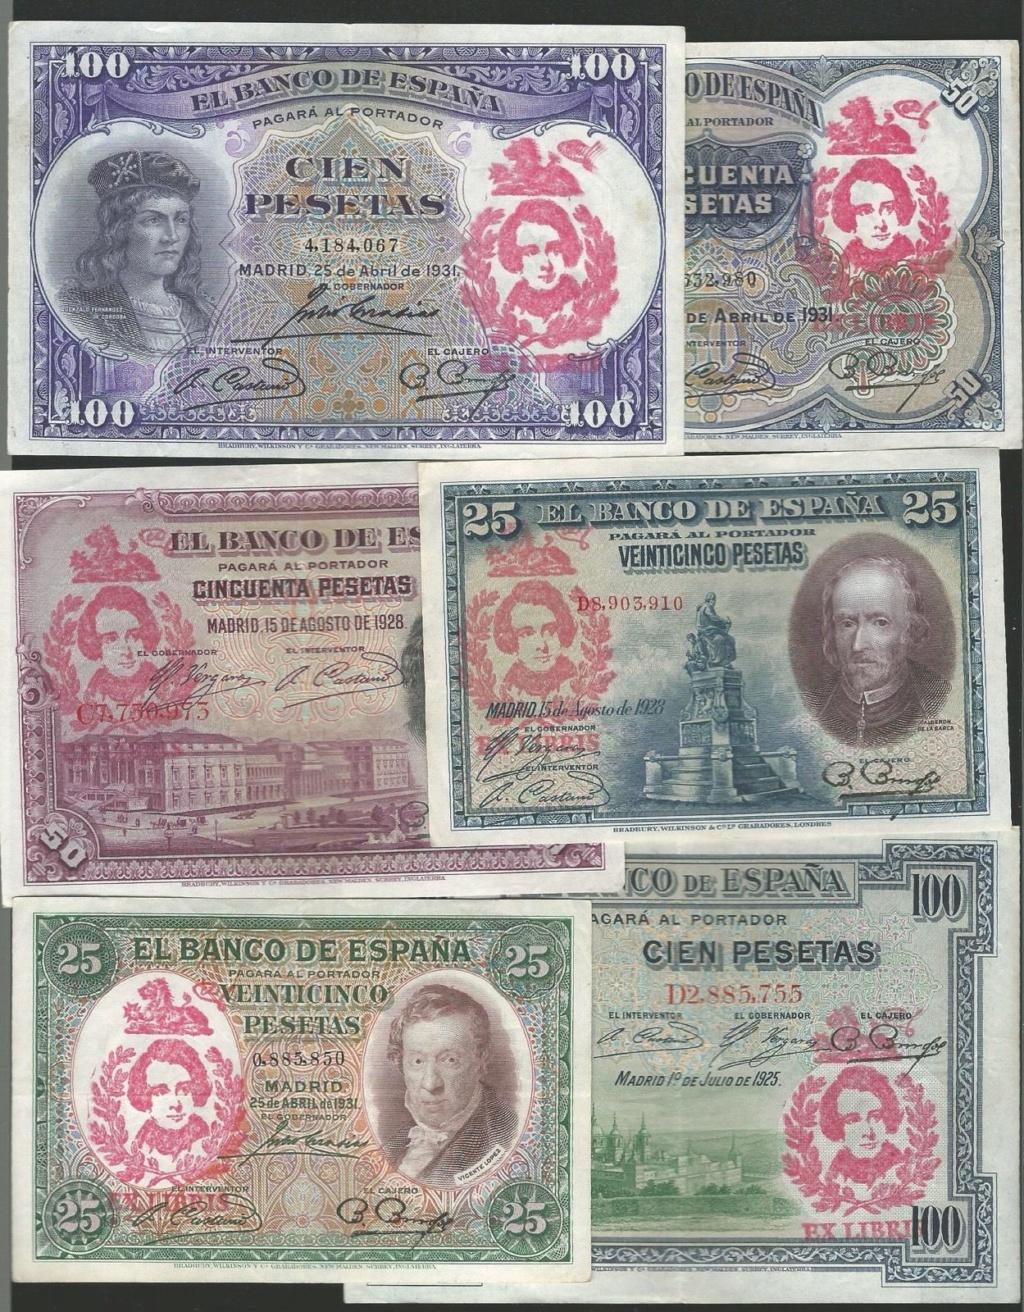 SELLOS FALSOS en billetes, reinventarse o morir Sello_10